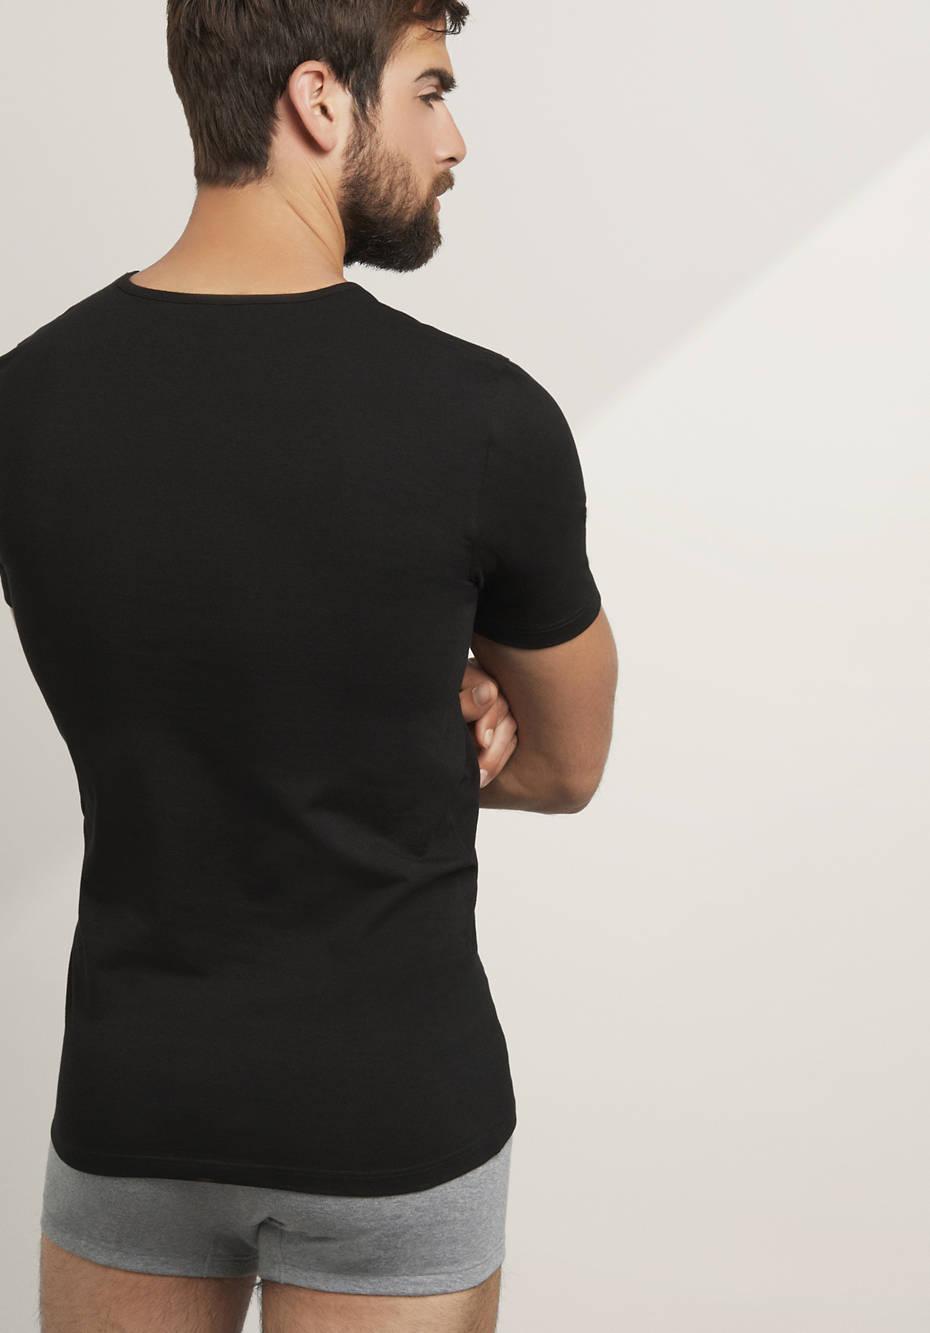 herren t shirt purelux im 2er set aus bio baumwolle. Black Bedroom Furniture Sets. Home Design Ideas